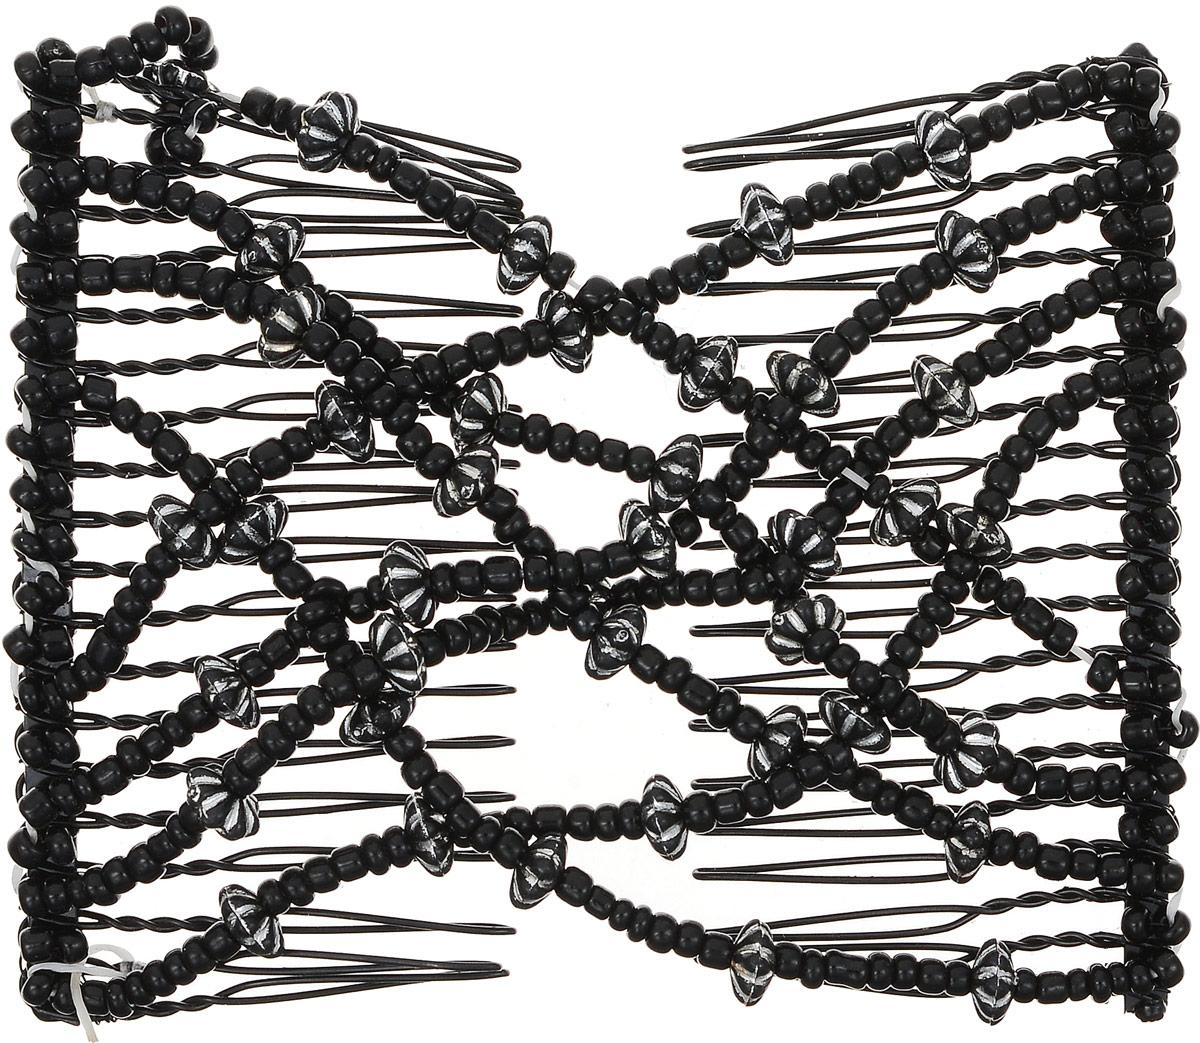 EZ-Combs Заколка Изи-Комбс, одинарная, цвет: черный. ЗИО_цветочки 2ЗИО_цветочки 2Удобная и практичная EZ-Combs подходит для любого типа волос: тонких, жестких, вьющихся или прямых, и не наносит им никакого вреда. Заколка не мешает движениям головы и не создает дискомфорта, когда вы отдыхаете или управляете автомобилем. Каждый гребень имеет по 20 зубьев для надежной фиксации заколки на волосах! И даже во время бега и интенсивных тренировок в спортзале EZ-Combs не падает; она прочно фиксирует прическу, сохраняя укладку в первозданном виде. Небольшая и легкая заколка для волос EZ-Combs поместится в любой дамской сумочке, позволяя быстро и без особых усилий создавать неповторимые прически там, где вам это удобно. Гребень прекрасно сочетается с любой одеждой: будь это классический или спортивный стиль, завершая гармоничный облик современной леди. И неважно, какой образ жизни вы ведете, если у вас есть EZ-Combs, вы всегда будете выглядеть потрясающе.